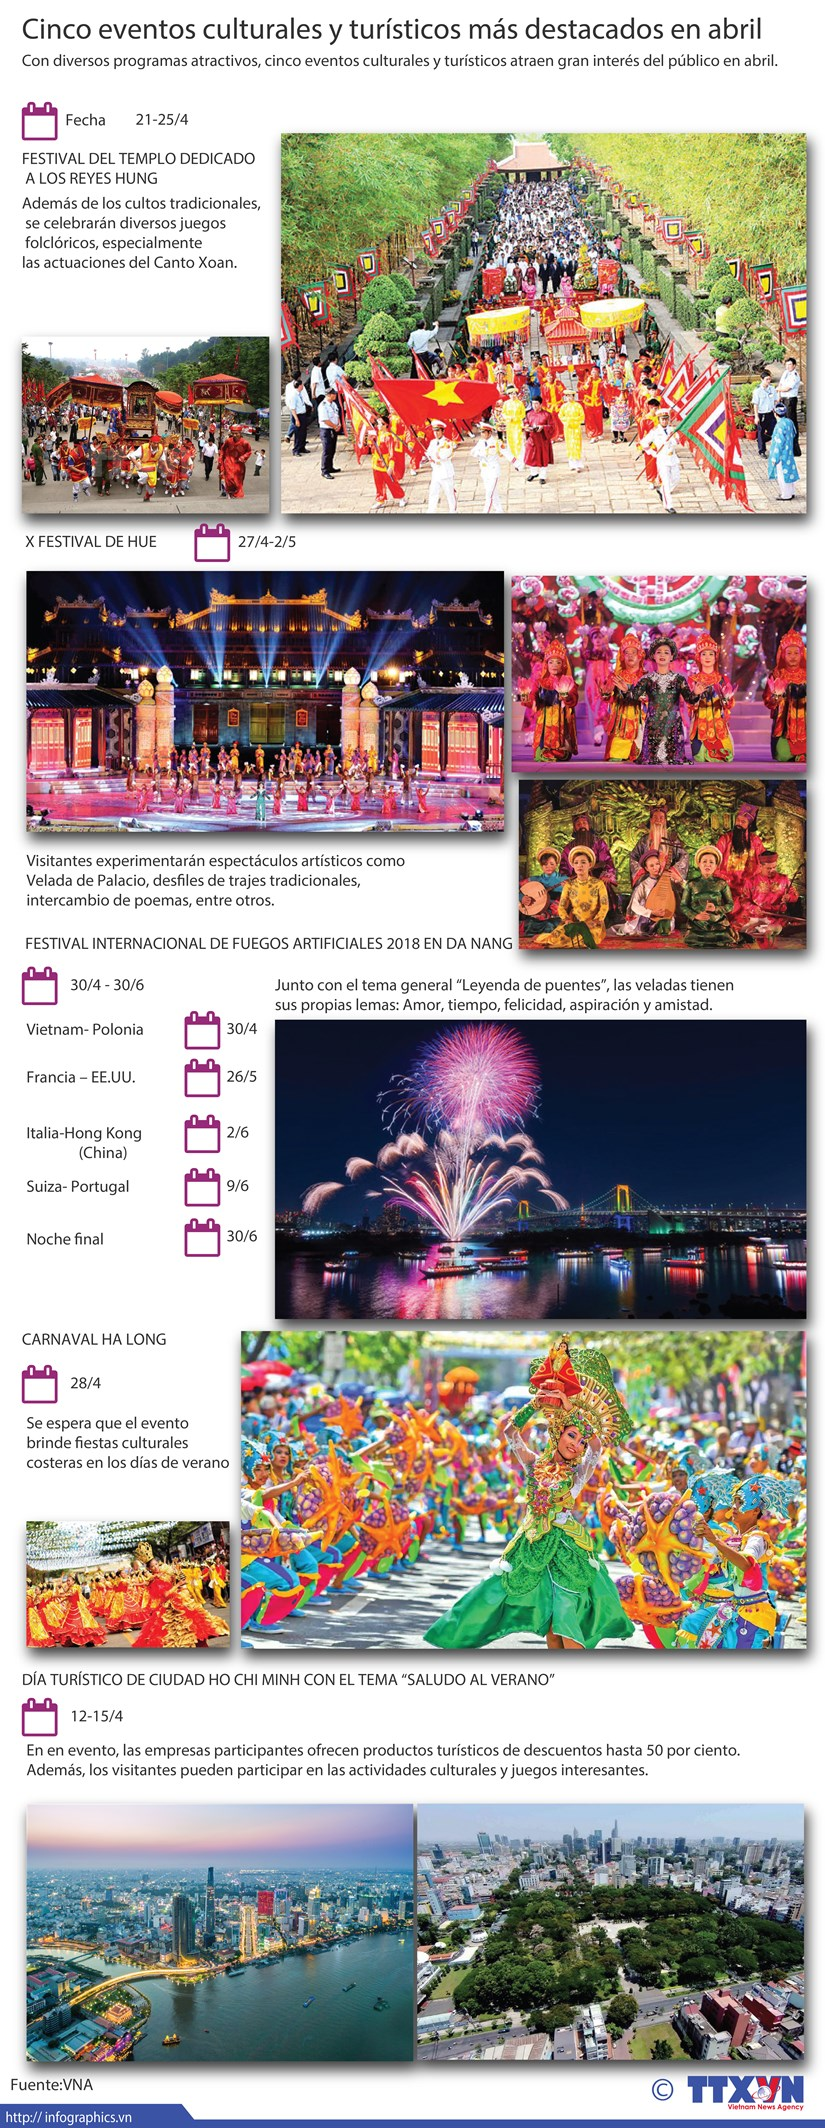 Cinco eventos culturales y turisticos mas destacados en abril hinh anh 1